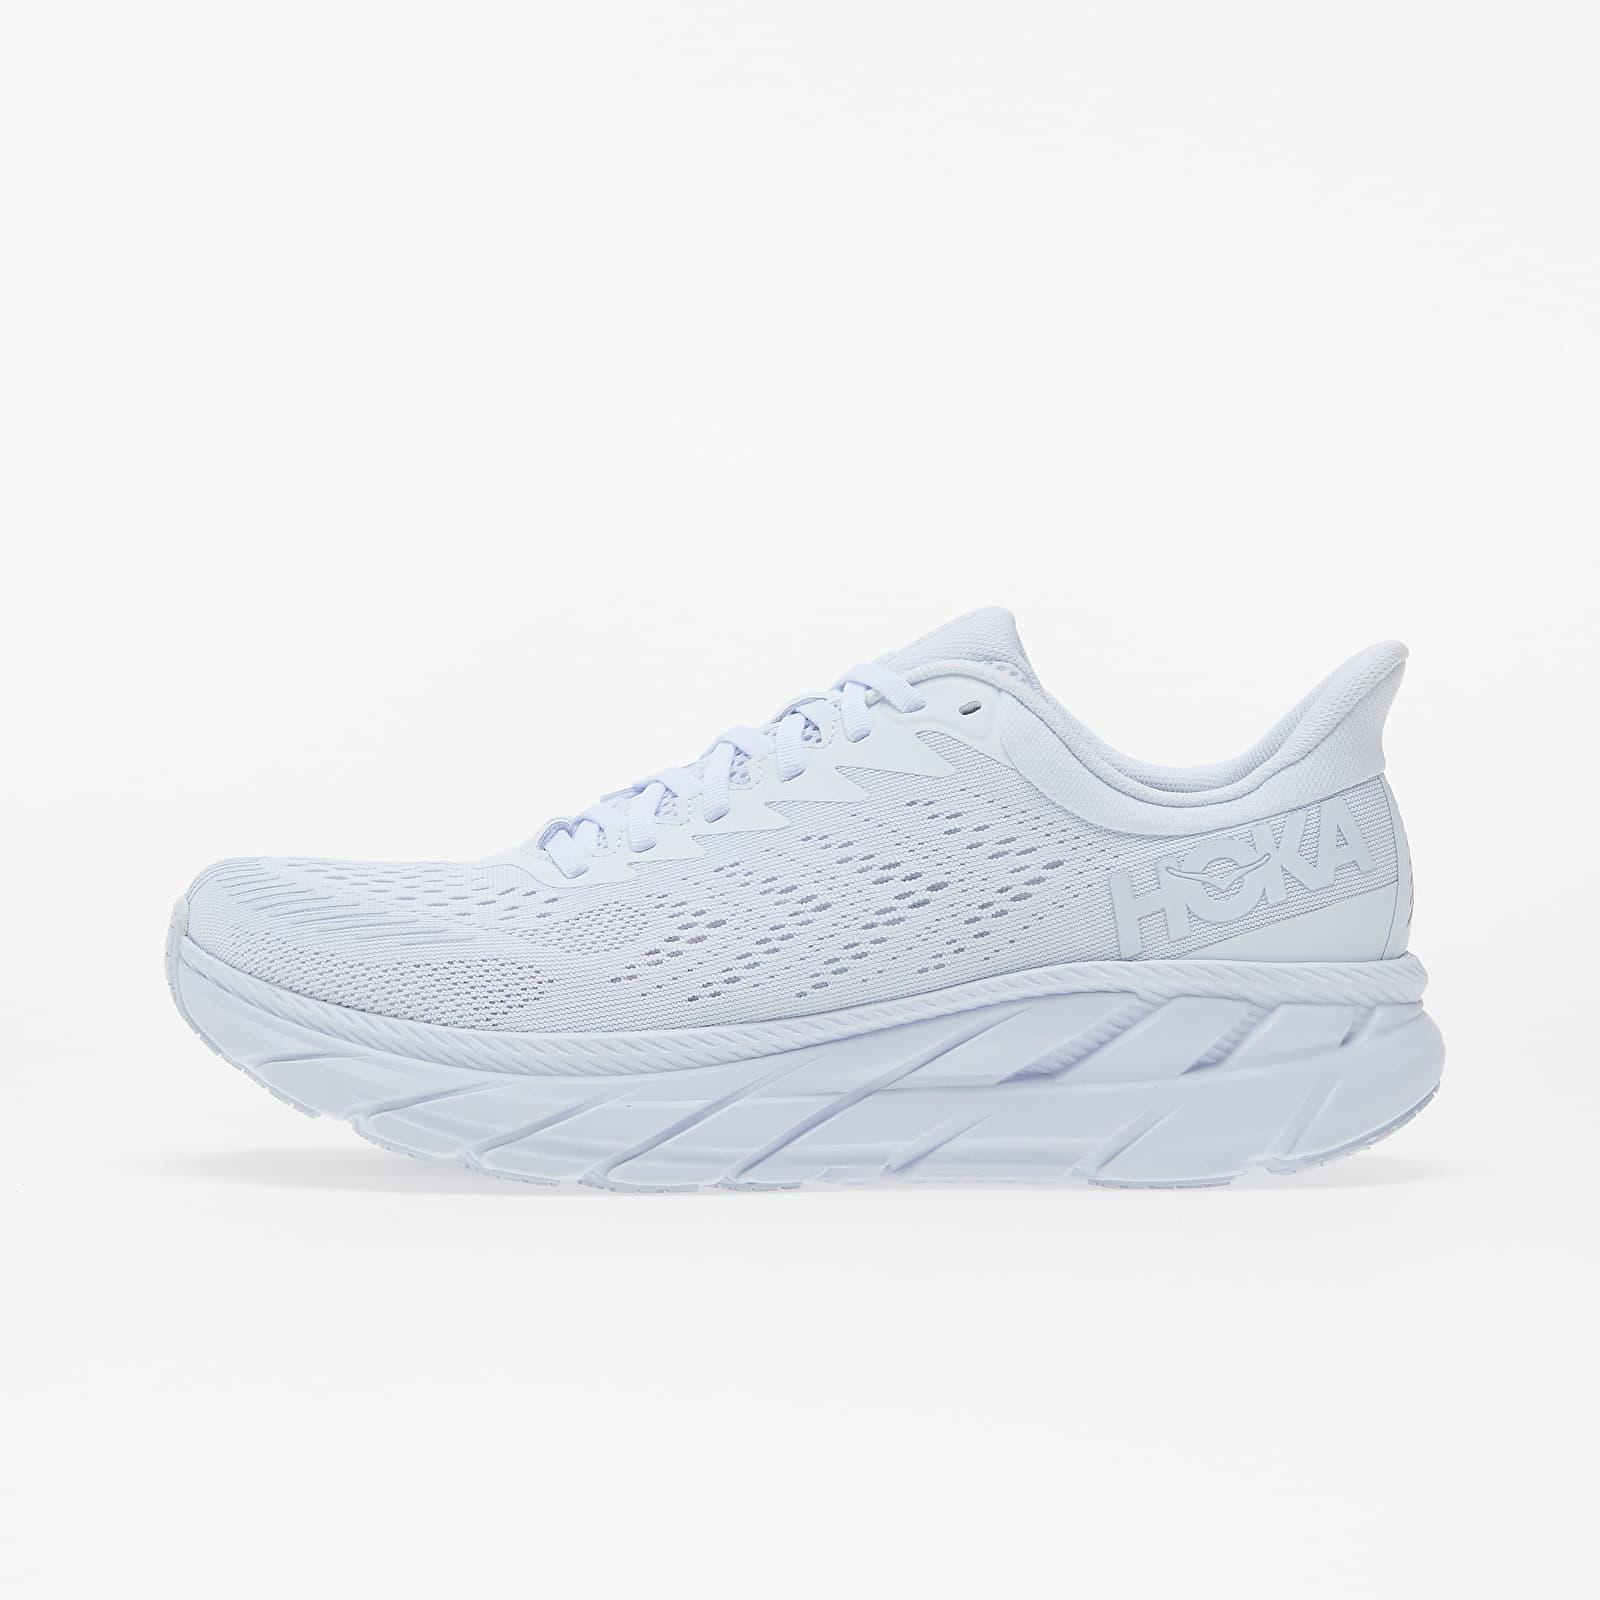 Hoka One One® M Clifton 7 White/ White 9 1110508-WWH